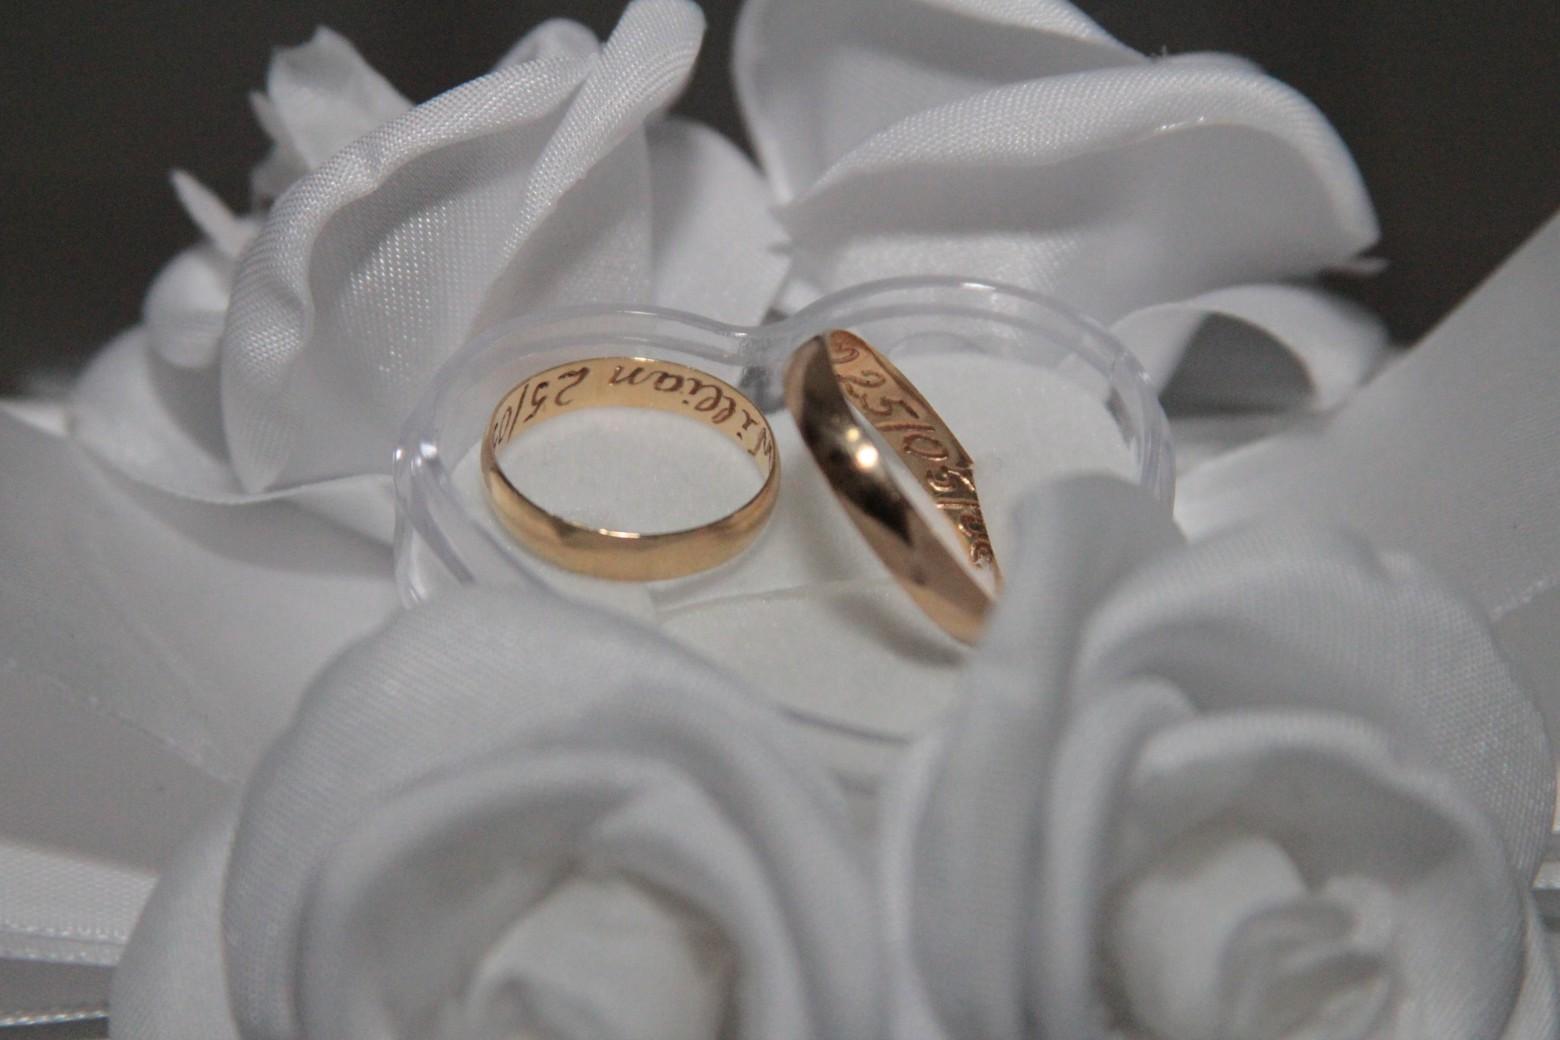 amour bague alliance de mariage  images gratuites et libres de droits